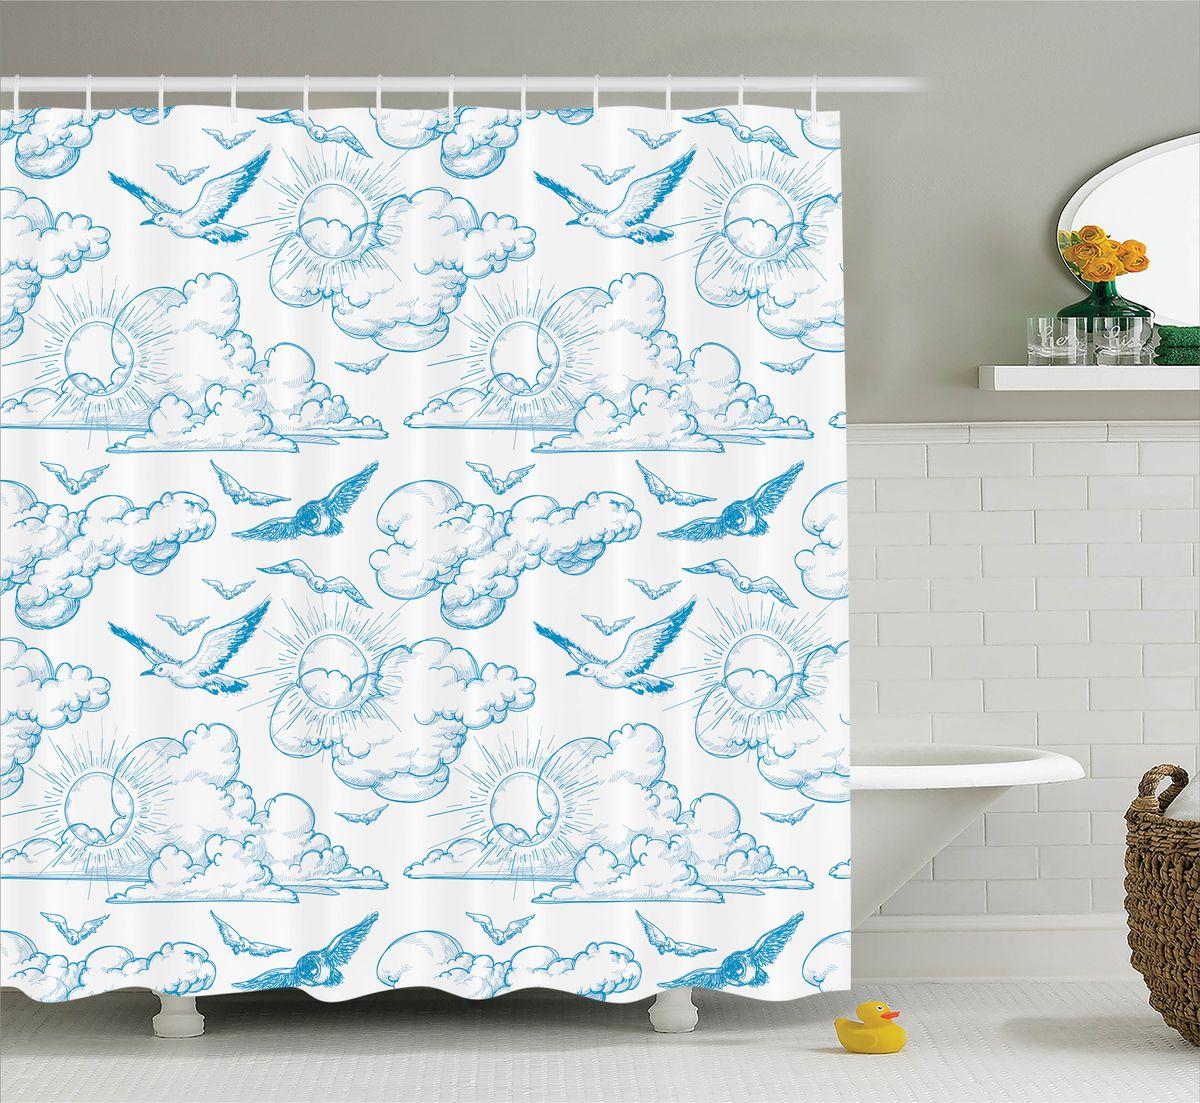 Штора для ванной комнаты Magic Lady Птицы в небе, 180 х 200 см штора для ванной комнаты magic lady дерево в волшебном лесу цвет коричневый оранжевый 180 х 200 см href page 1